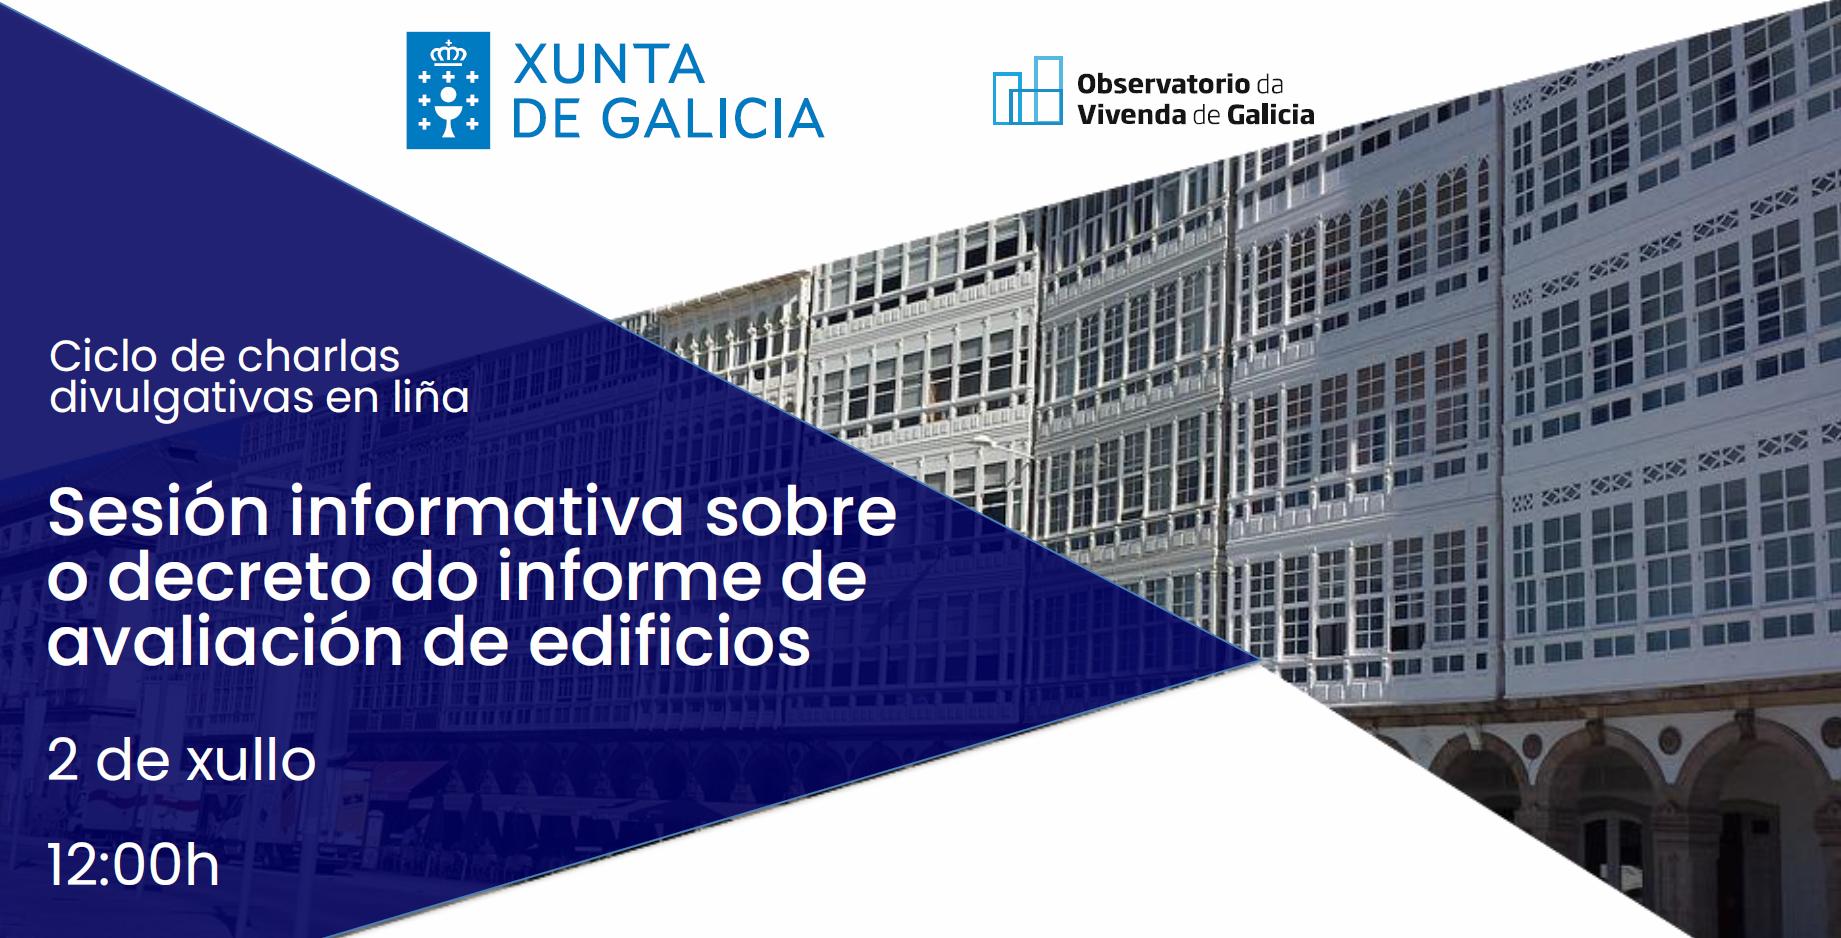 Dispoñible gravación da sesión informativa sobre o decreto do informe de avaliación de edificios